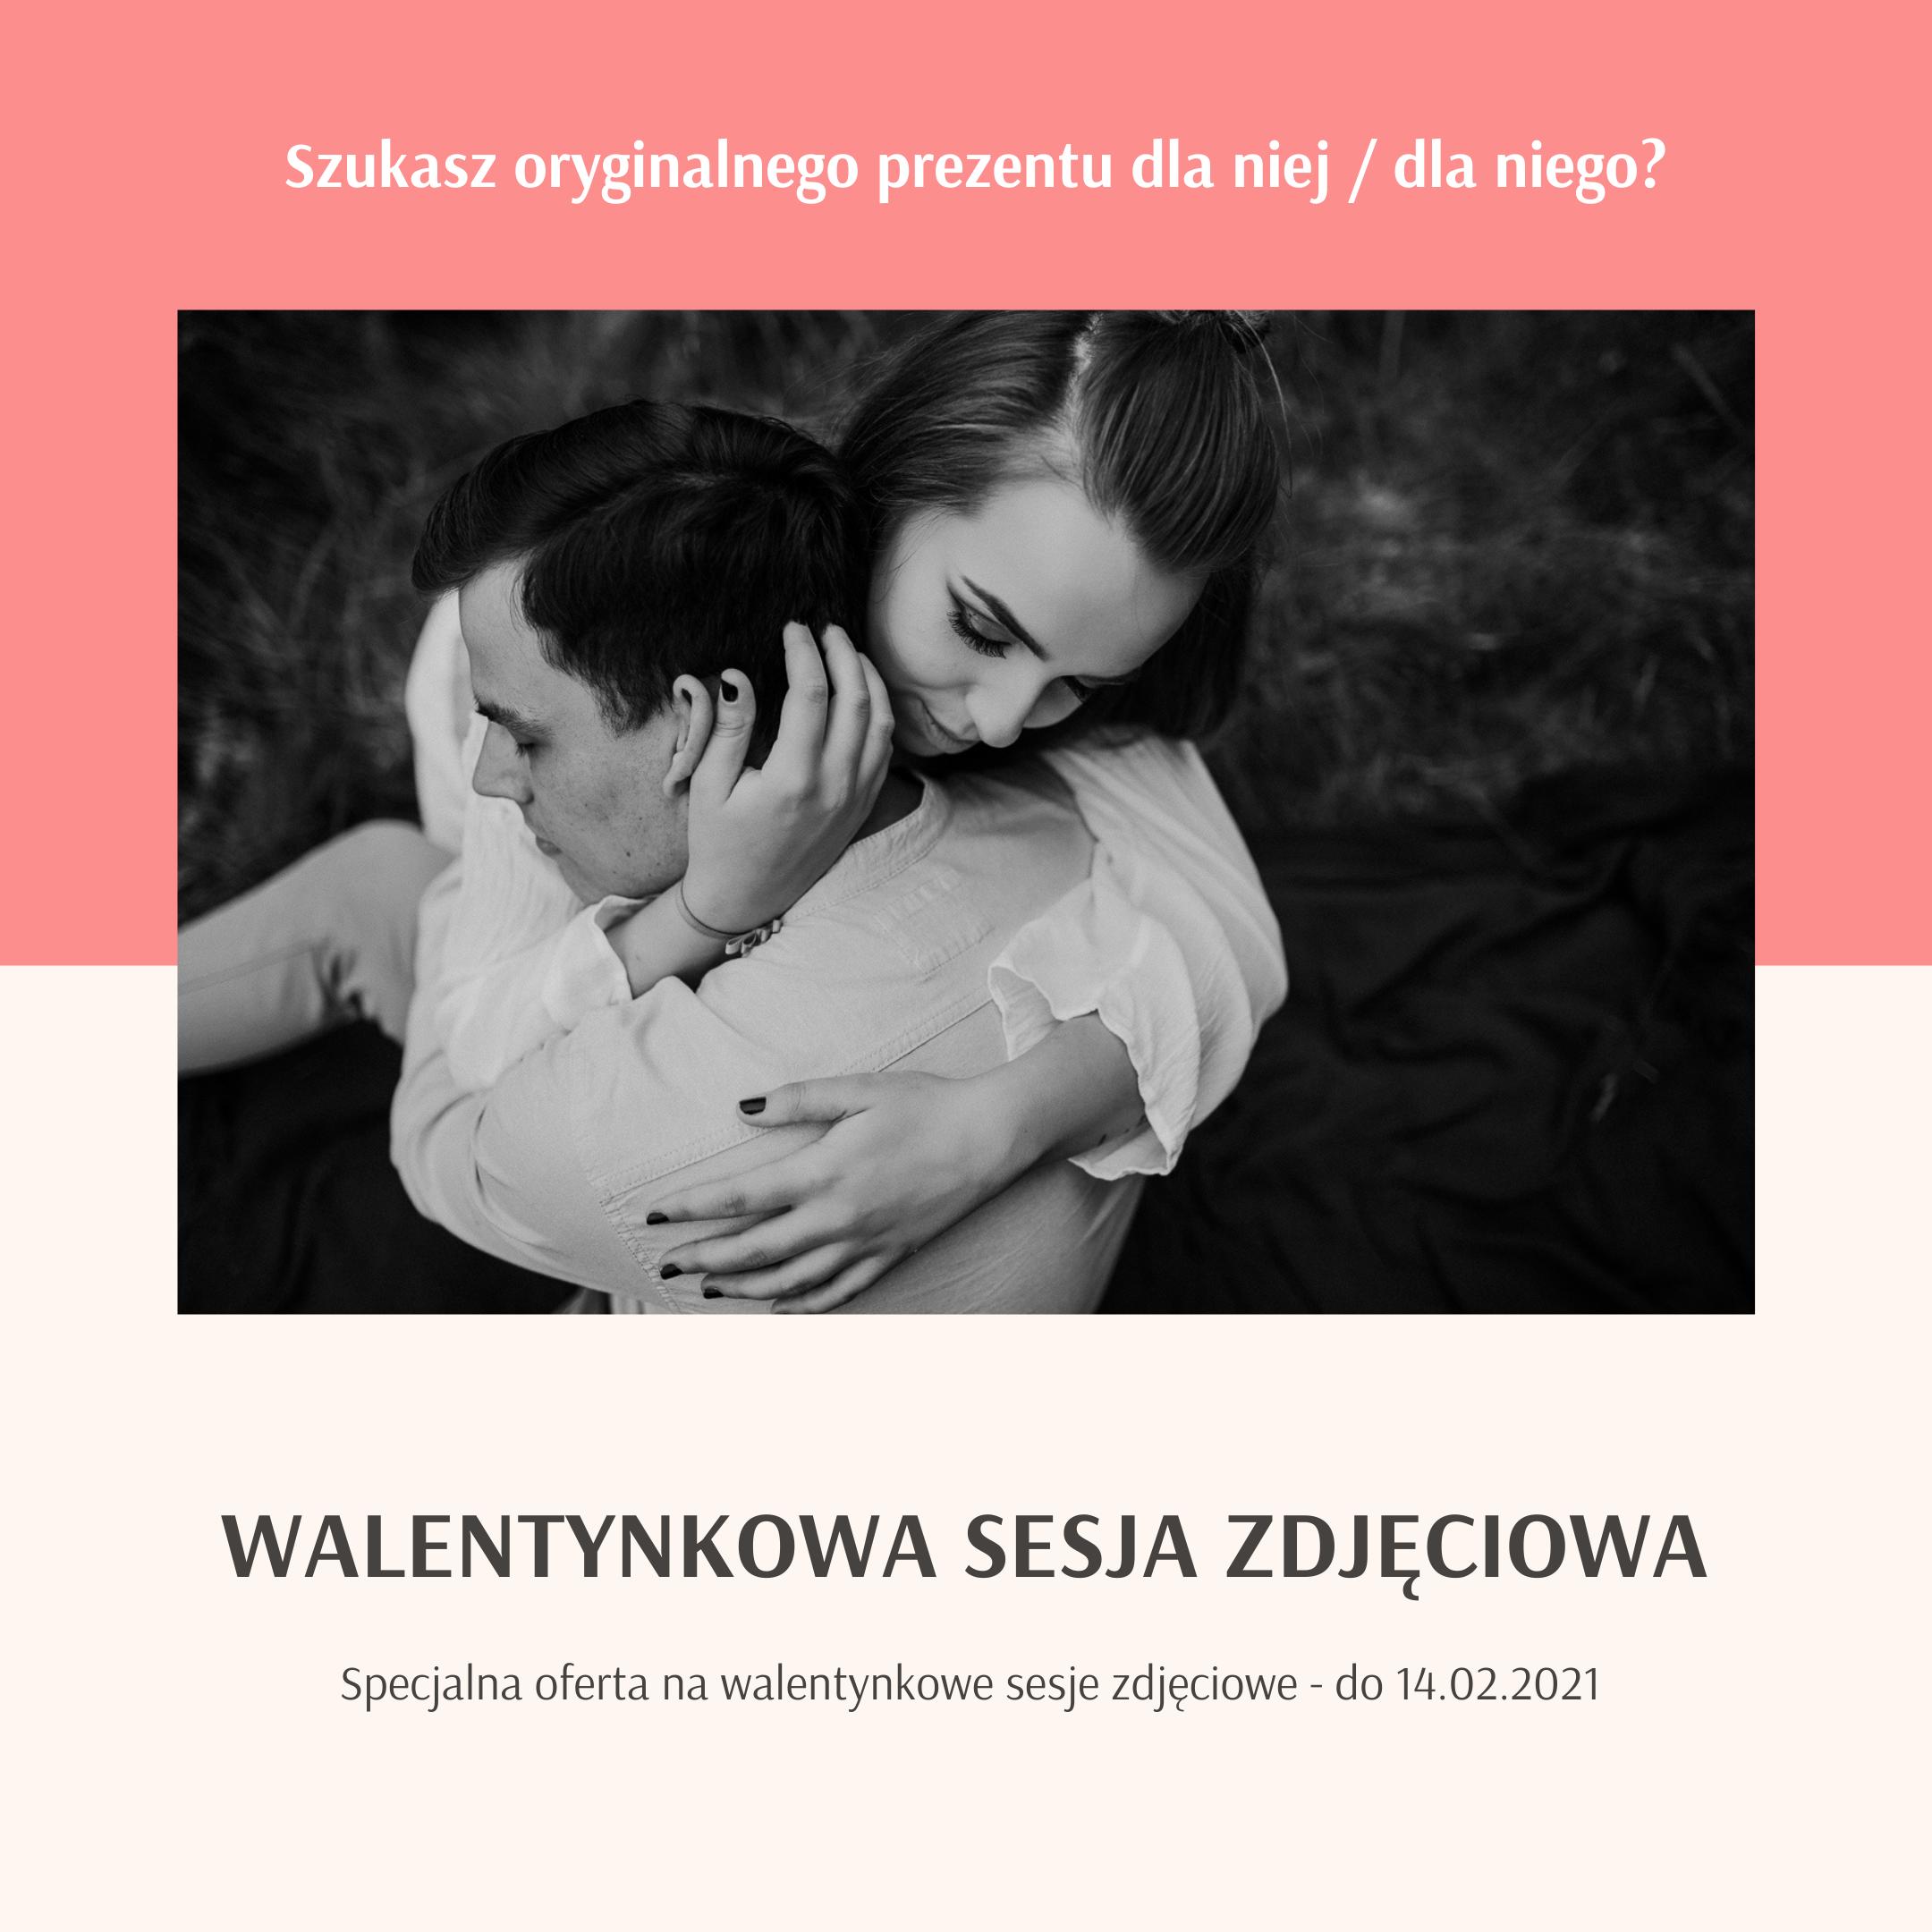 walentynkowa sesja zdjęciowa w Gdańsku